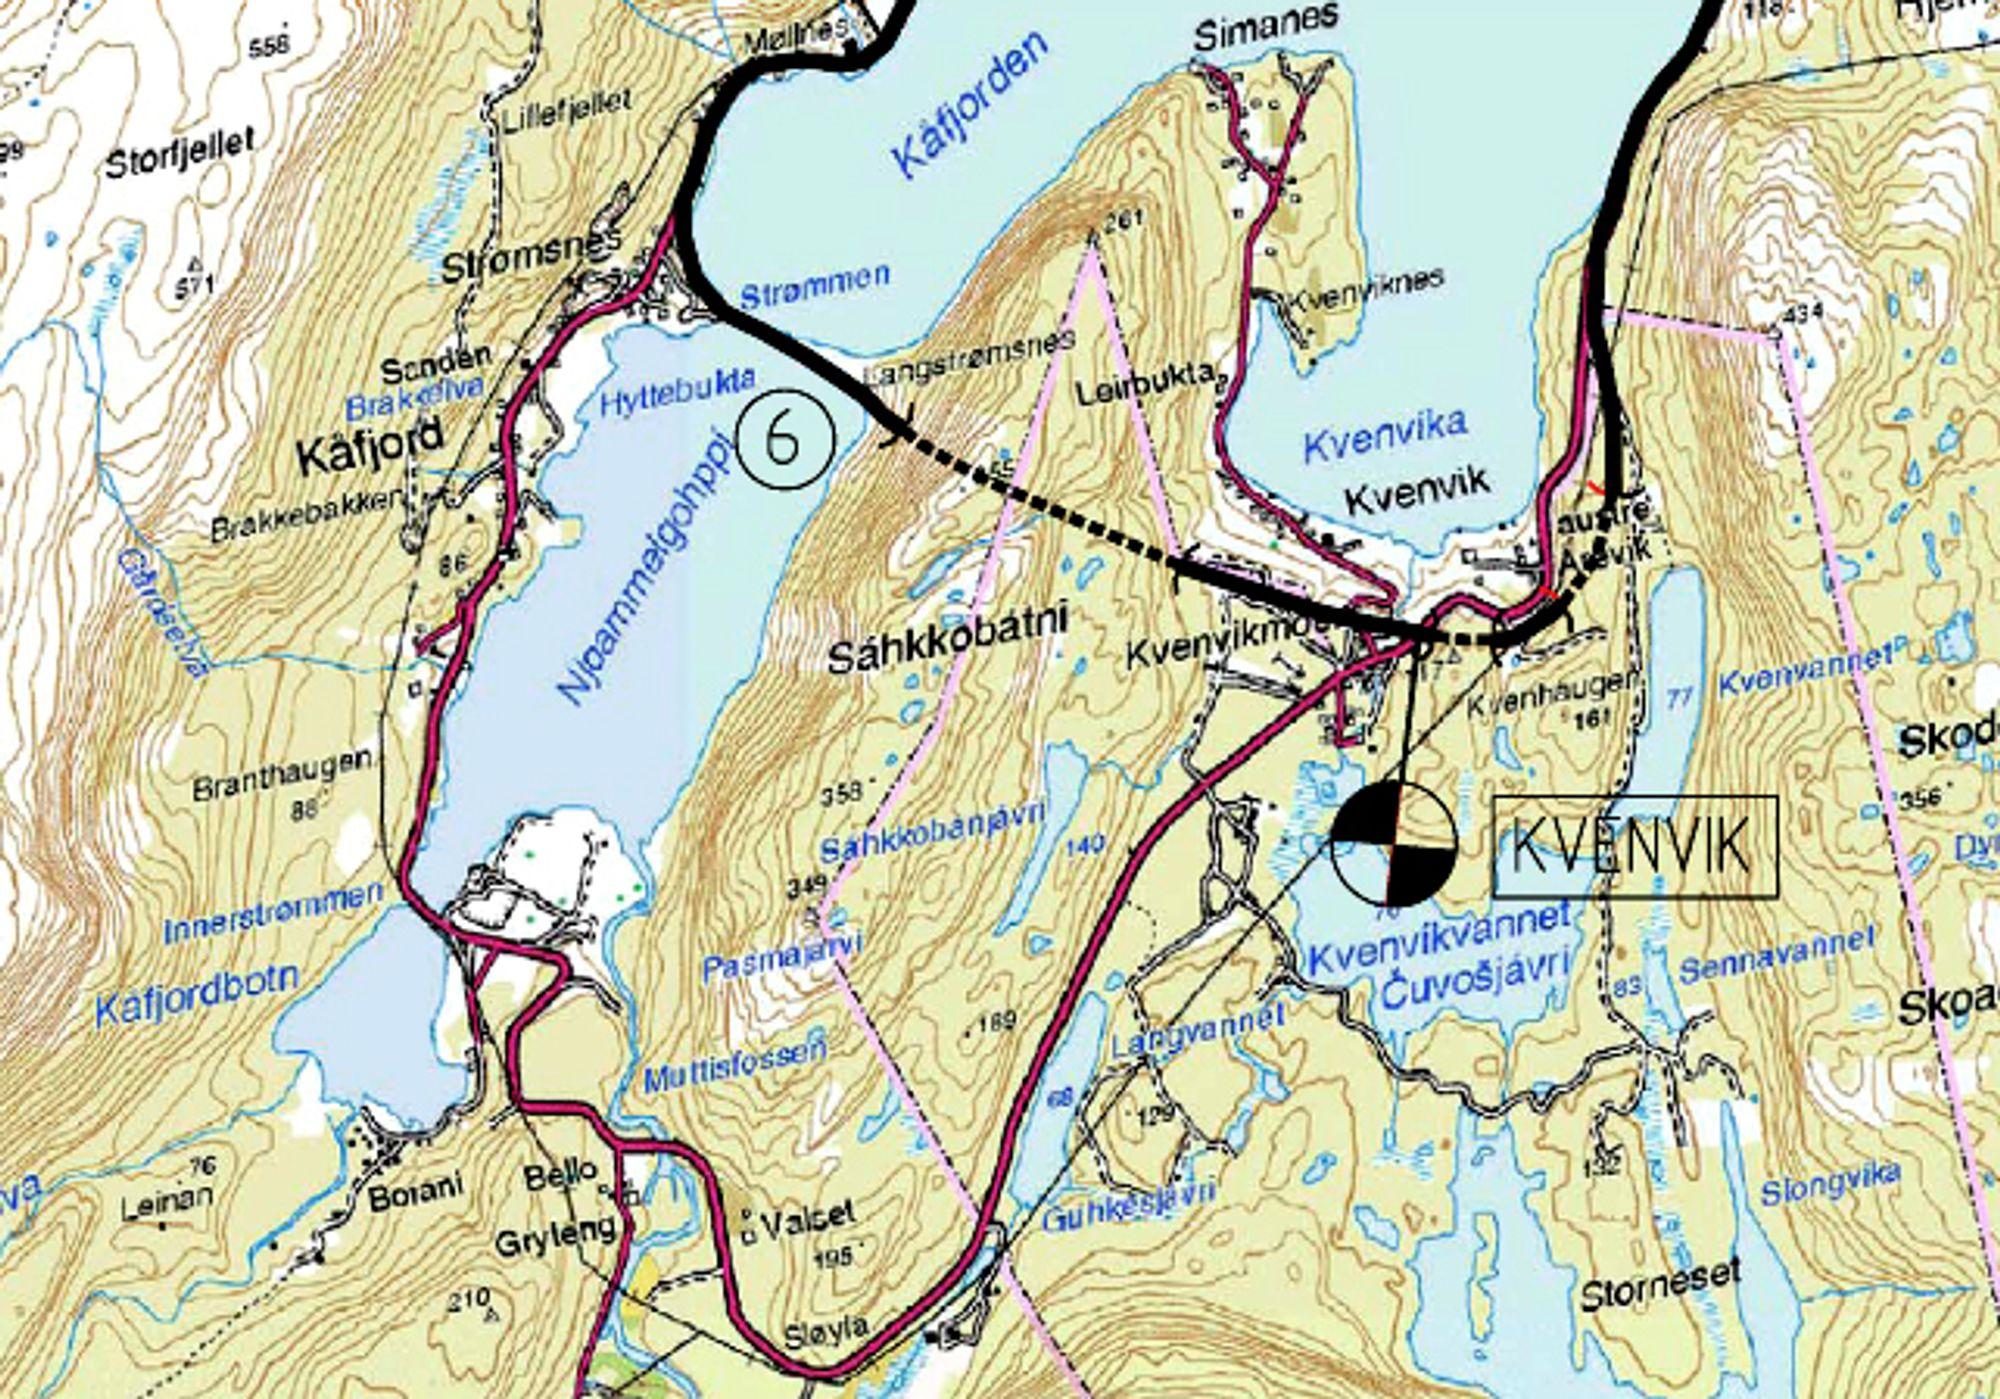 Tunnelene og de tre korte bruene skal bygges øst for brua over Kåfjorden til venstre på kartet. 29. og 31. mars er datoene å merke seg.